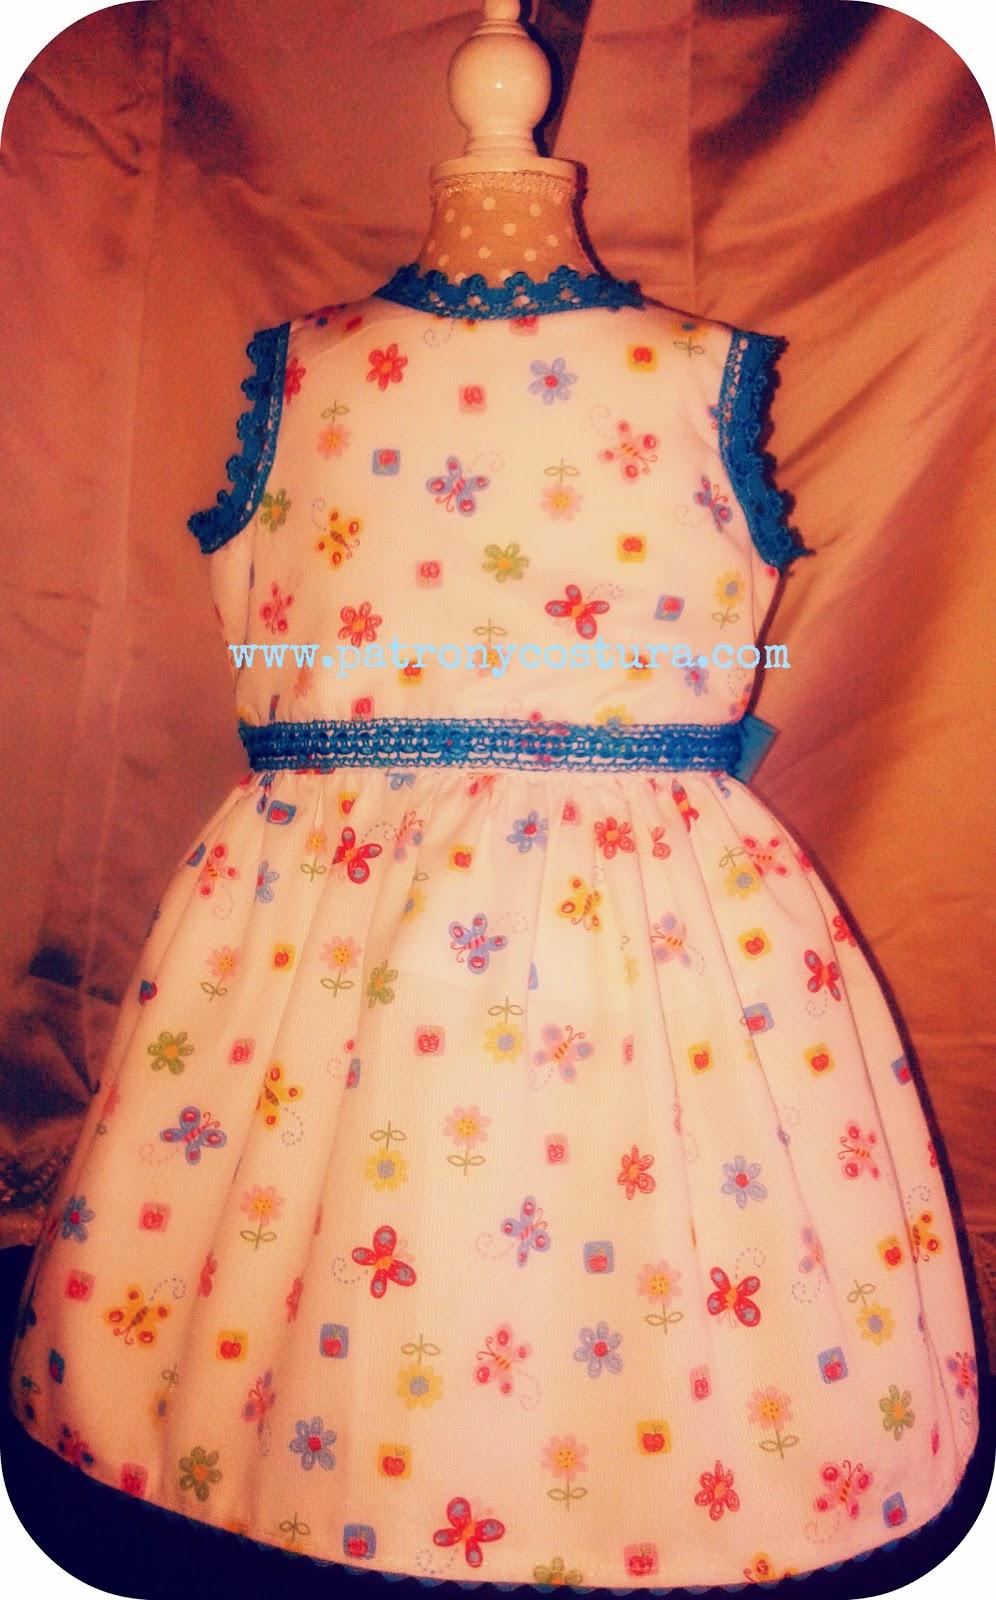 http://www.patronycostura.com/2015/03/vestido-mariposas-cruzado-en-la-espalda.html?spref=fb